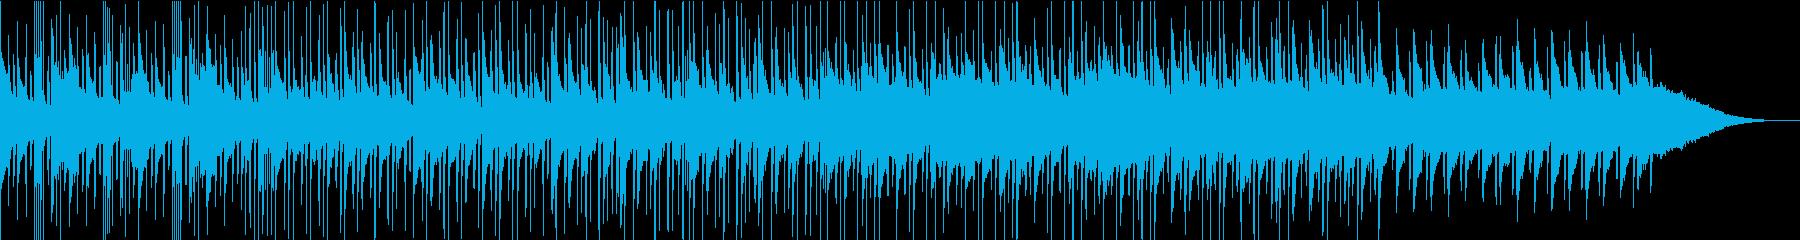 爽やかなロック 天気予報の再生済みの波形